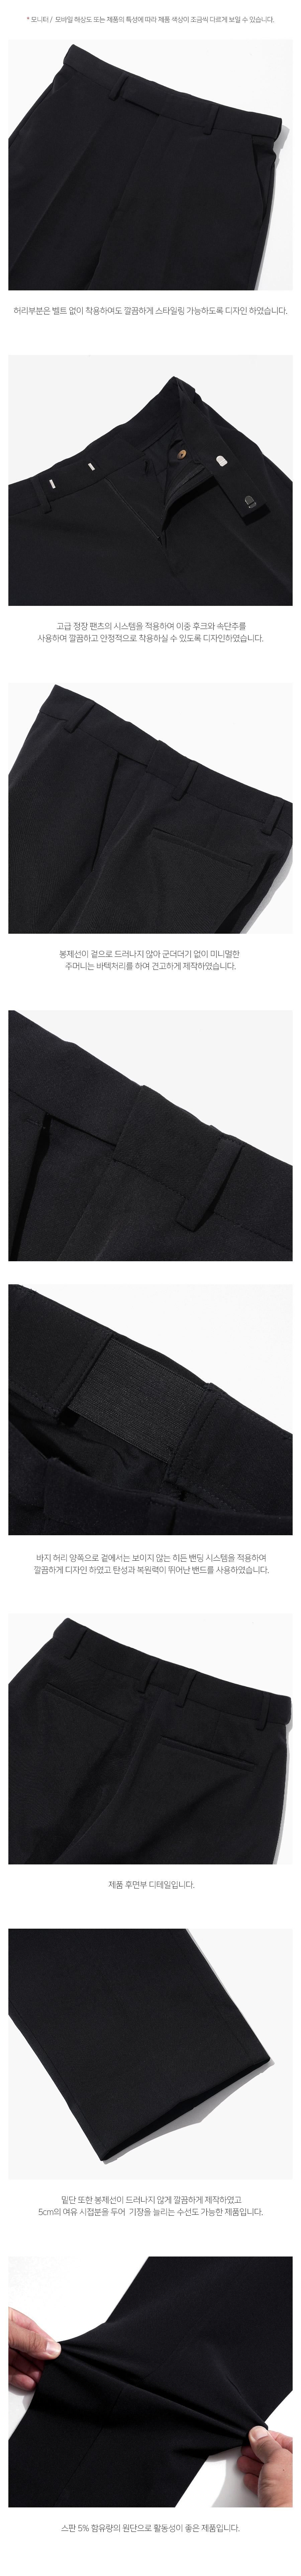 [페플] 스트레이트 히든 밴딩 슬랙스 4종 블랙 SJLP1248